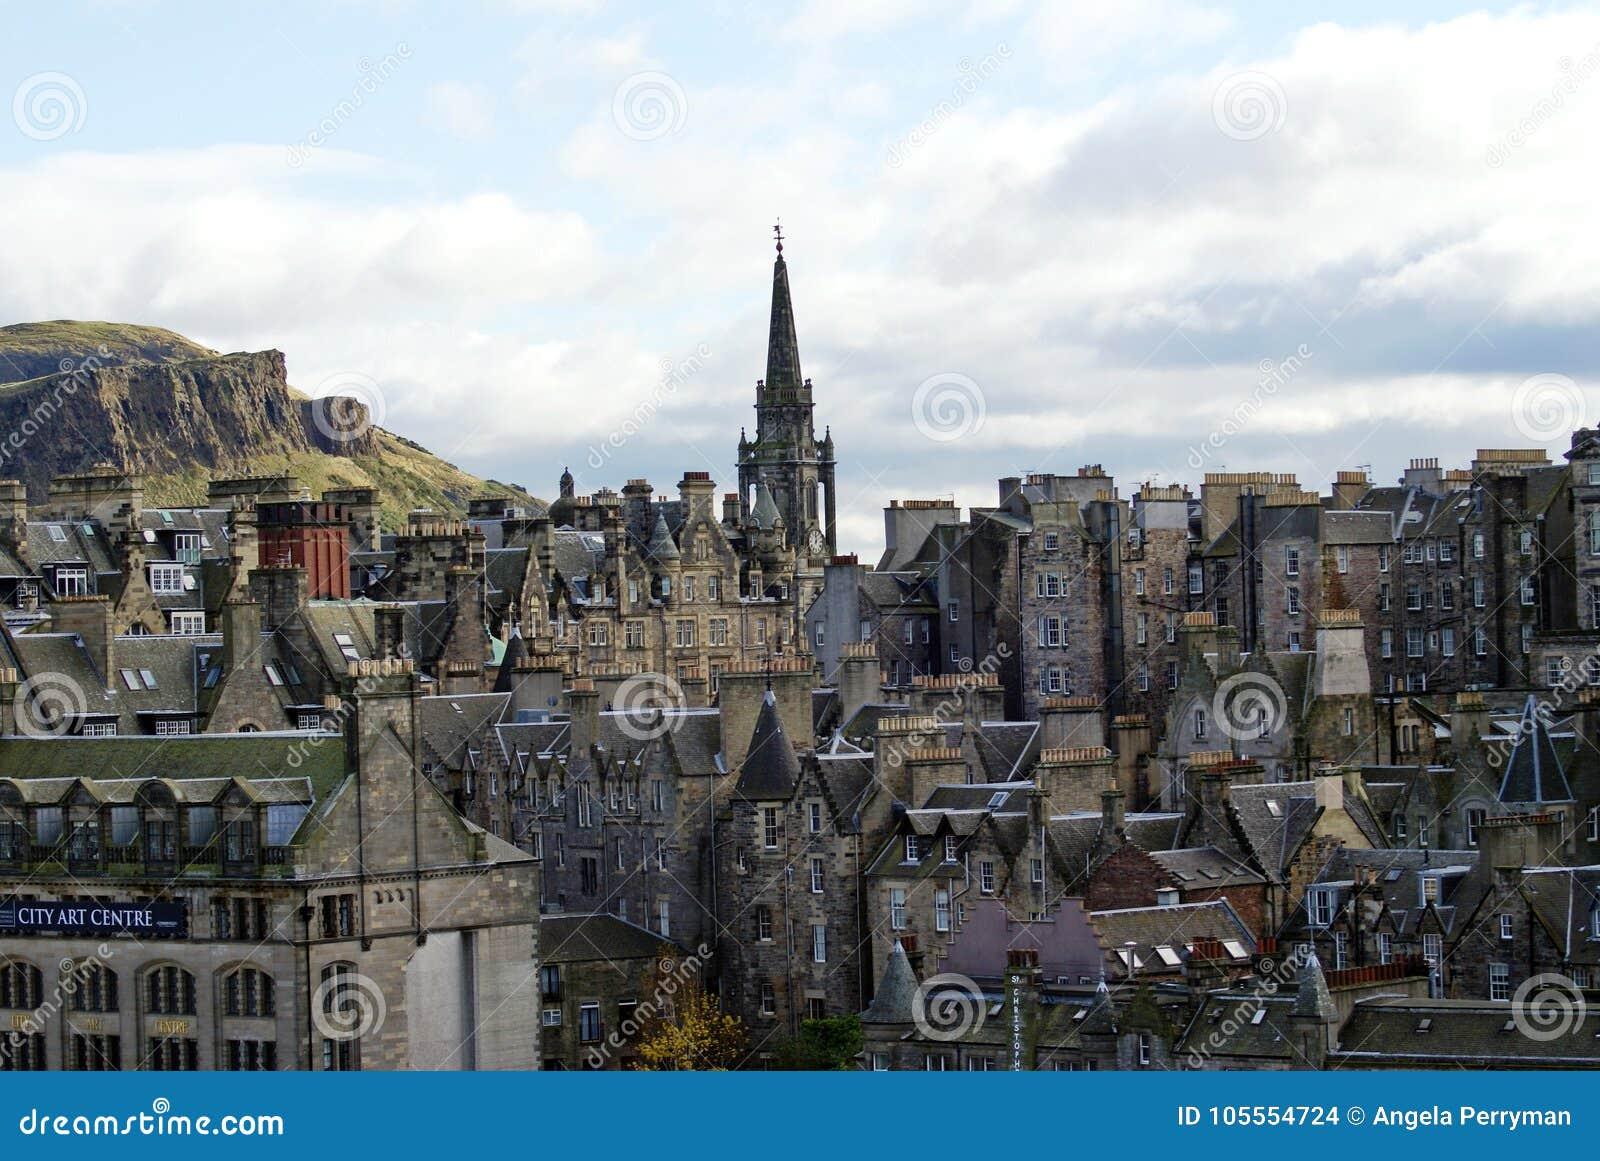 Ο κώνος εκκλησιών Tron στην παλαιά πόλη στο Εδιμβούργο